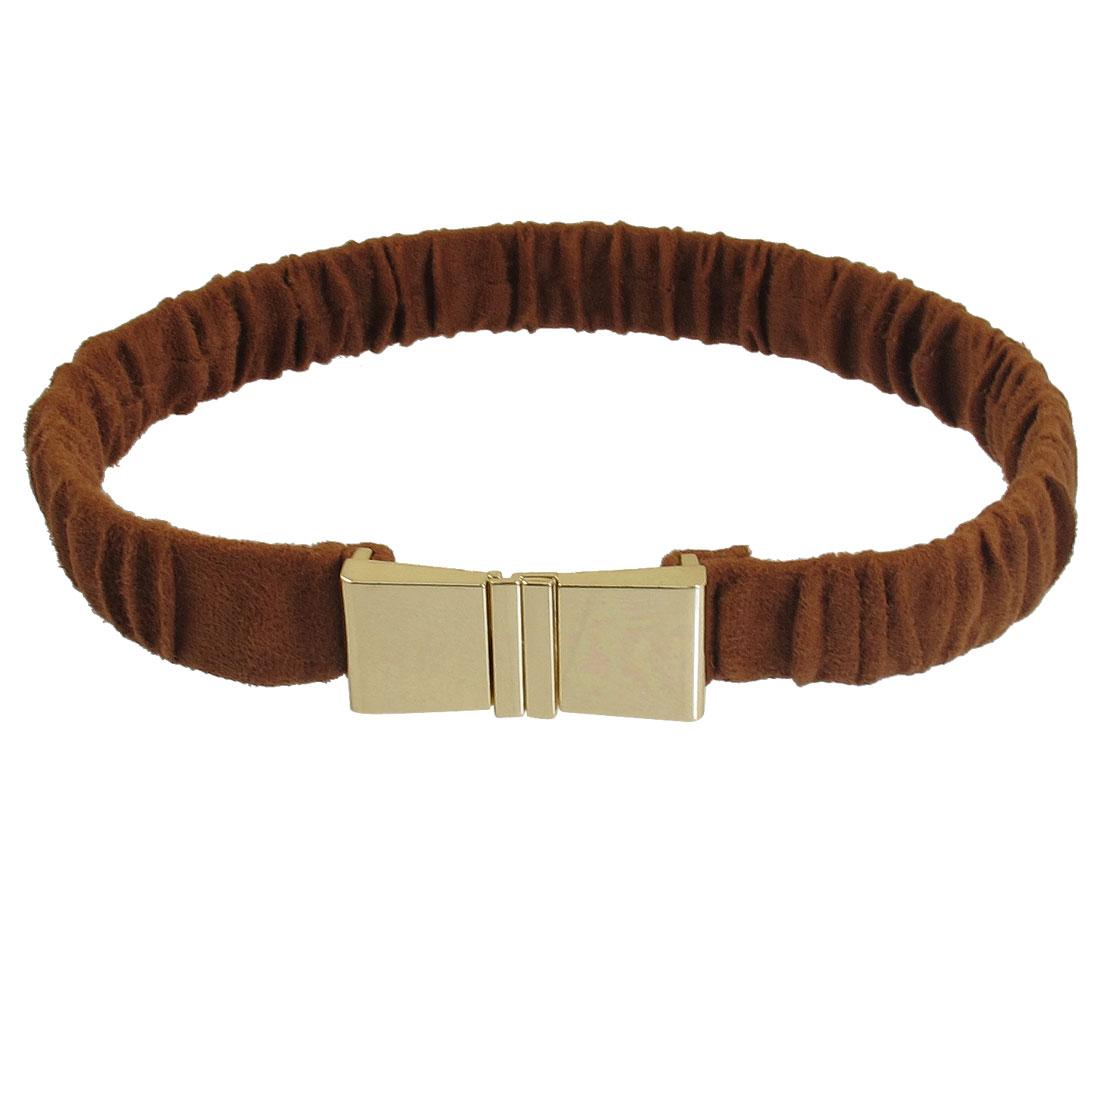 Ladies Brown Fleece Coated Gold Tone Metal Buckle Elastic Cinch Belt